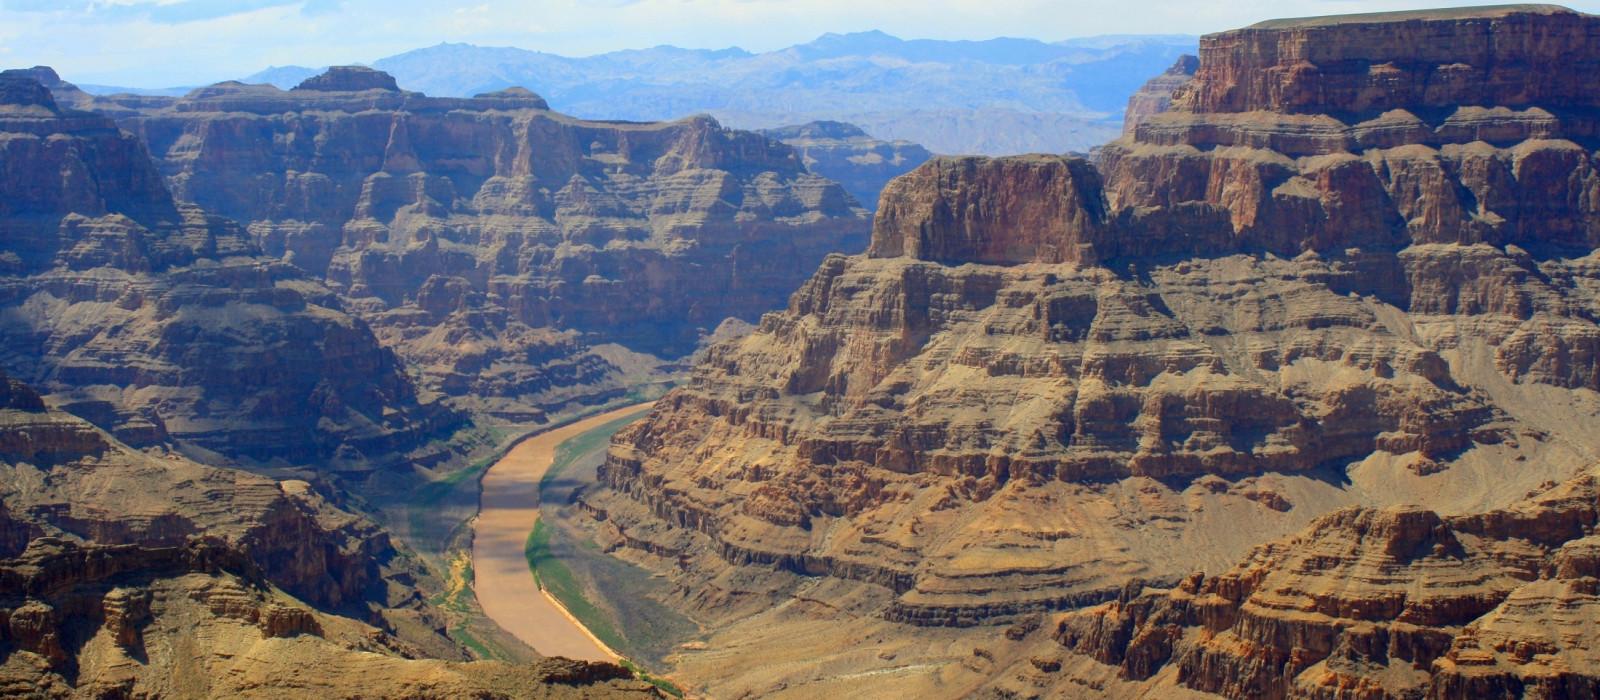 Reiseziel Grand Canyon Nationalpark USA